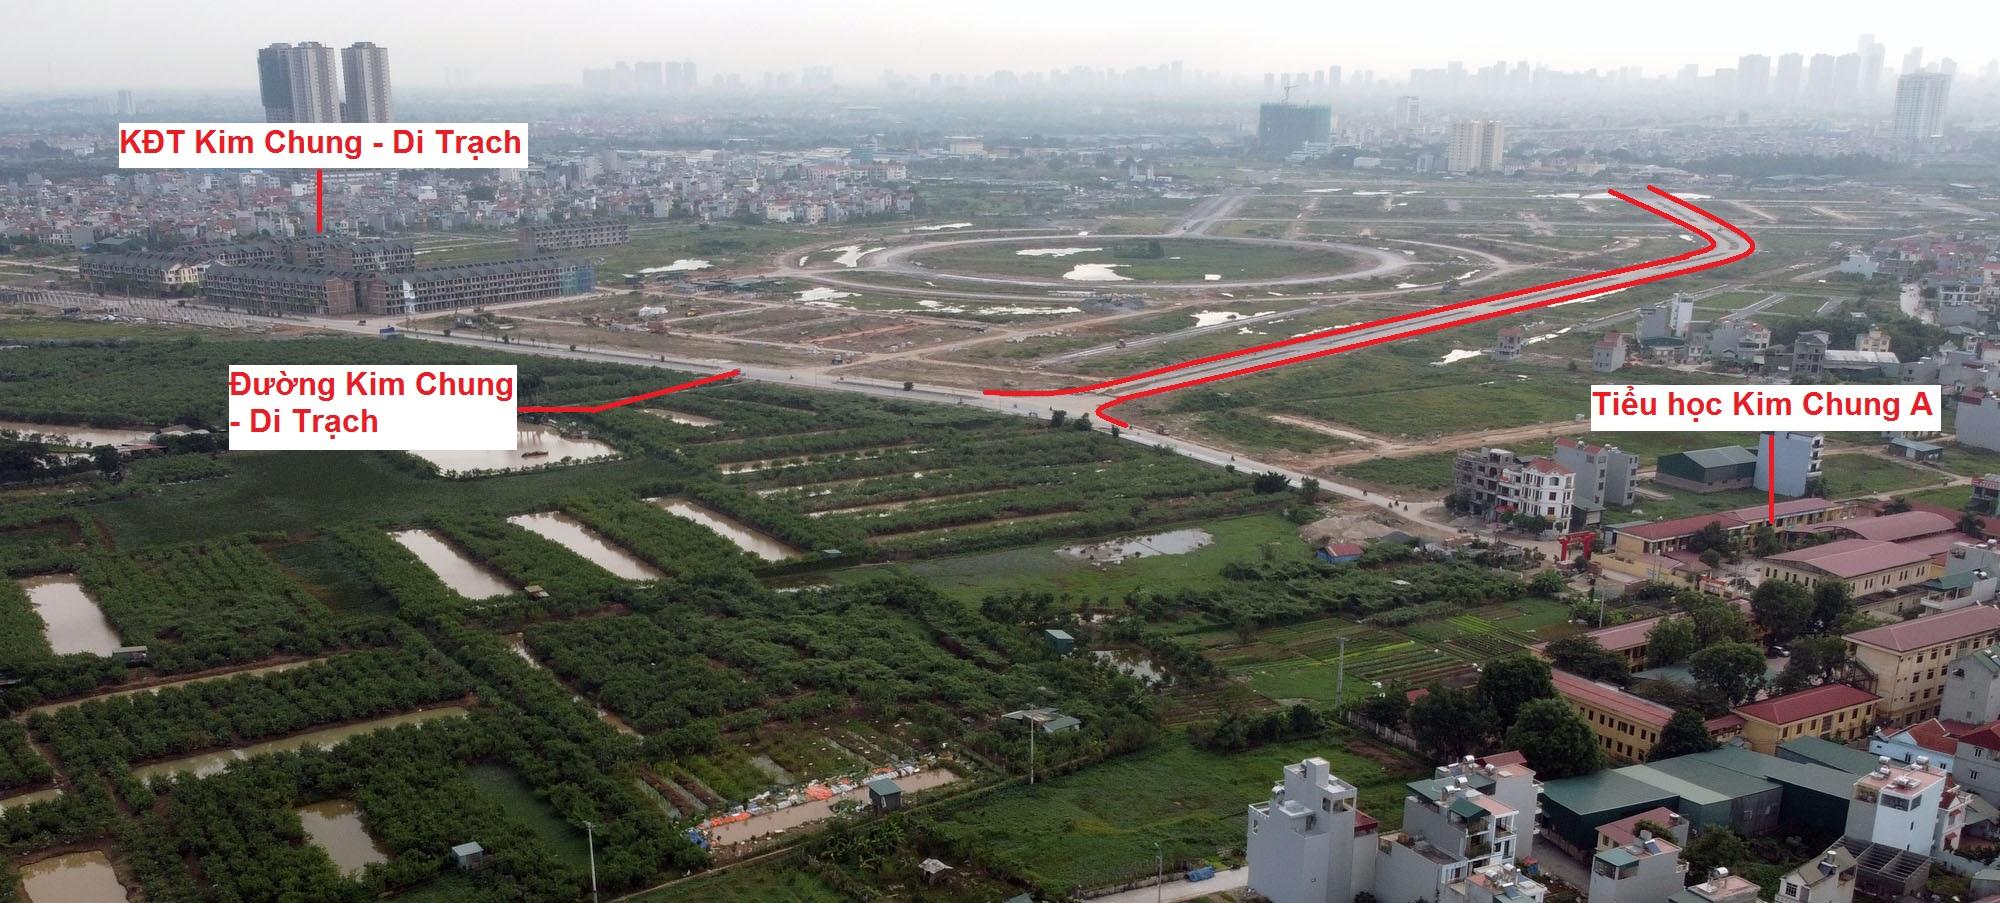 Ba đường sẽ mở theo qui hoạch ở xã Di Trạch, Hoài Đức, Hà Nội - Ảnh 12.